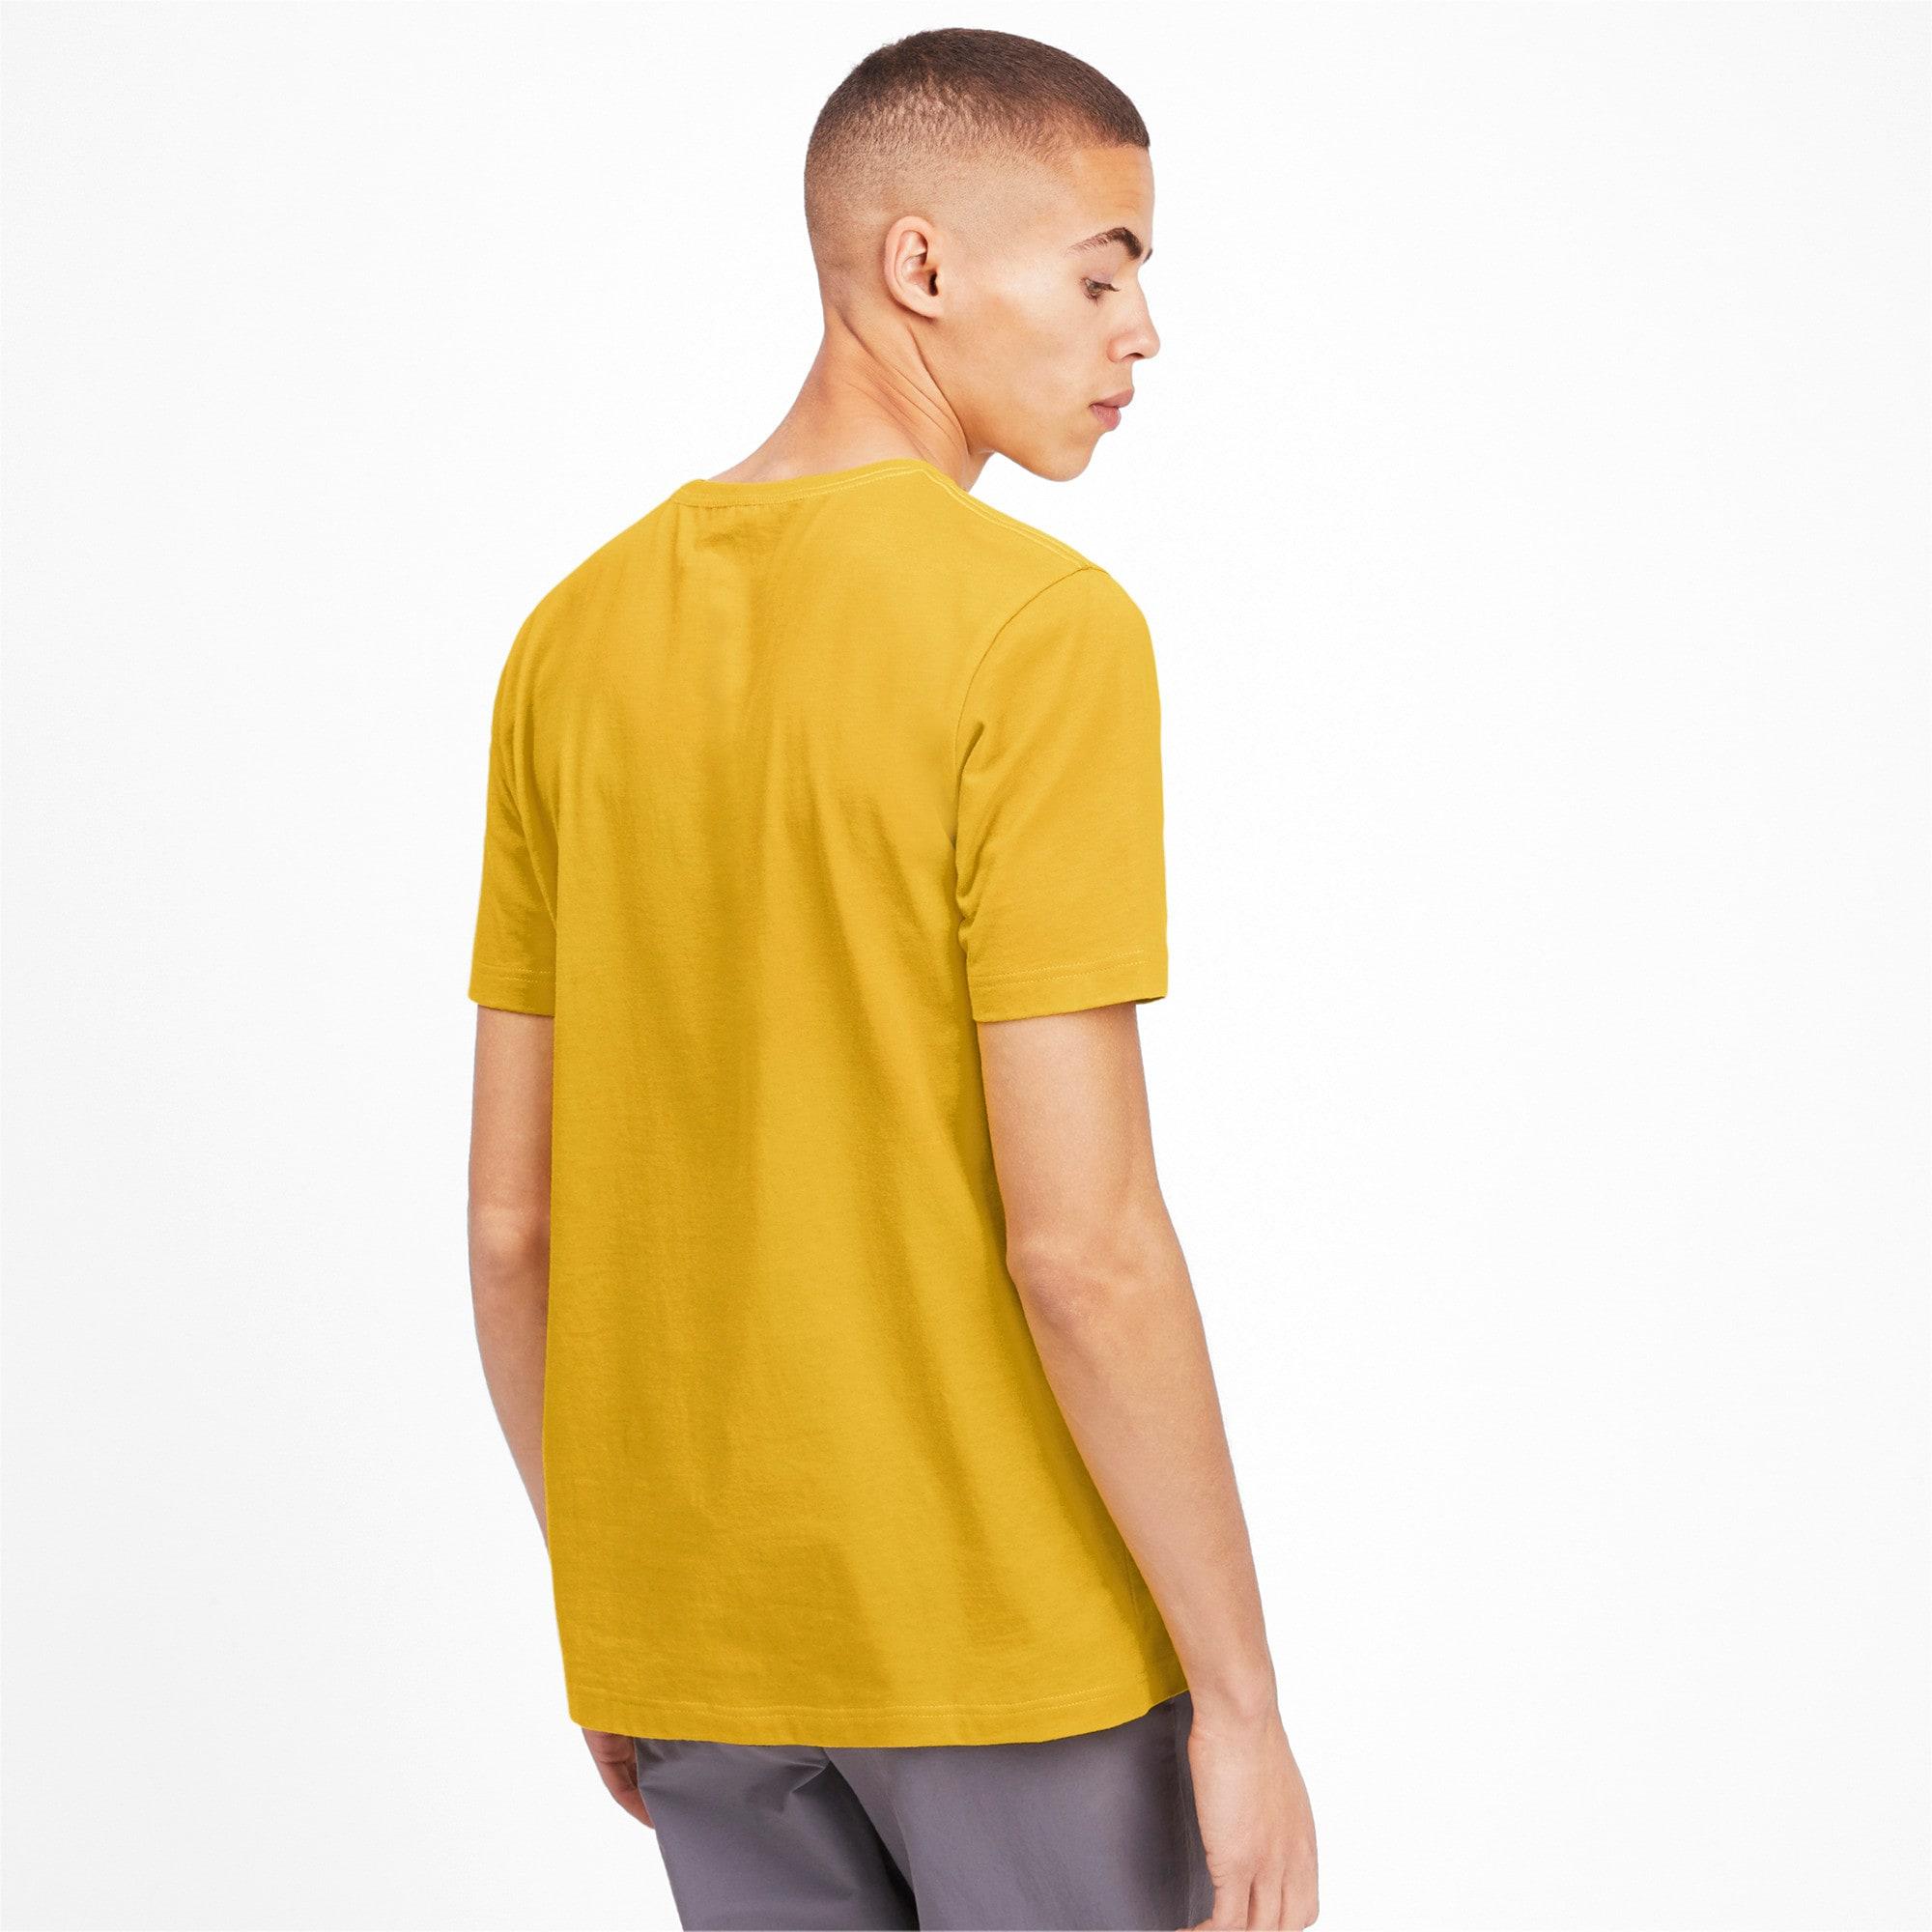 Thumbnail 2 of T-shirt Essentials uomo, Sulphur, medium